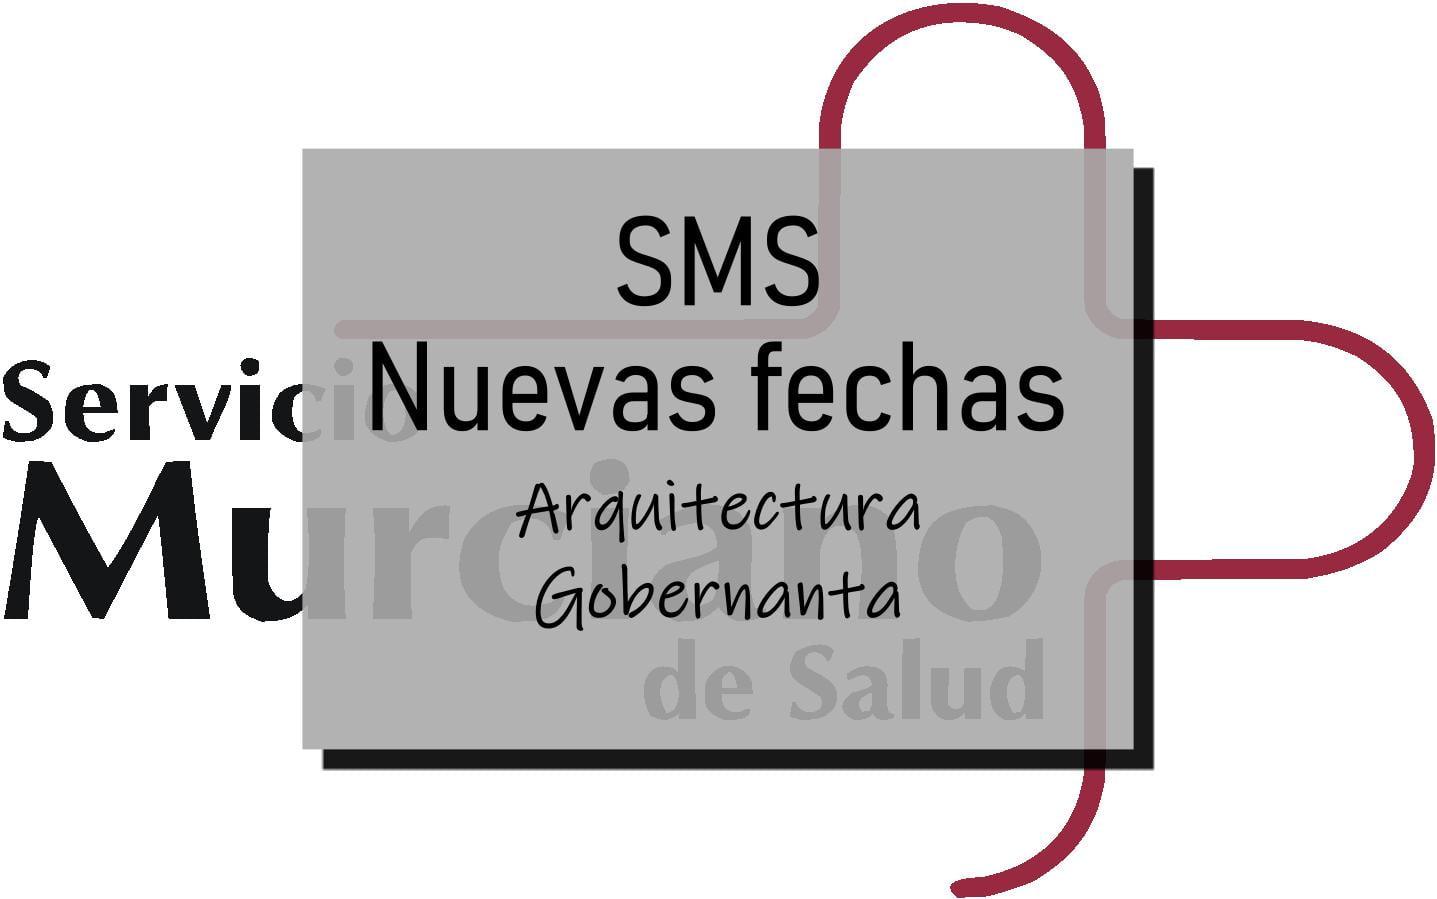 Arquitectura y Gobernanta